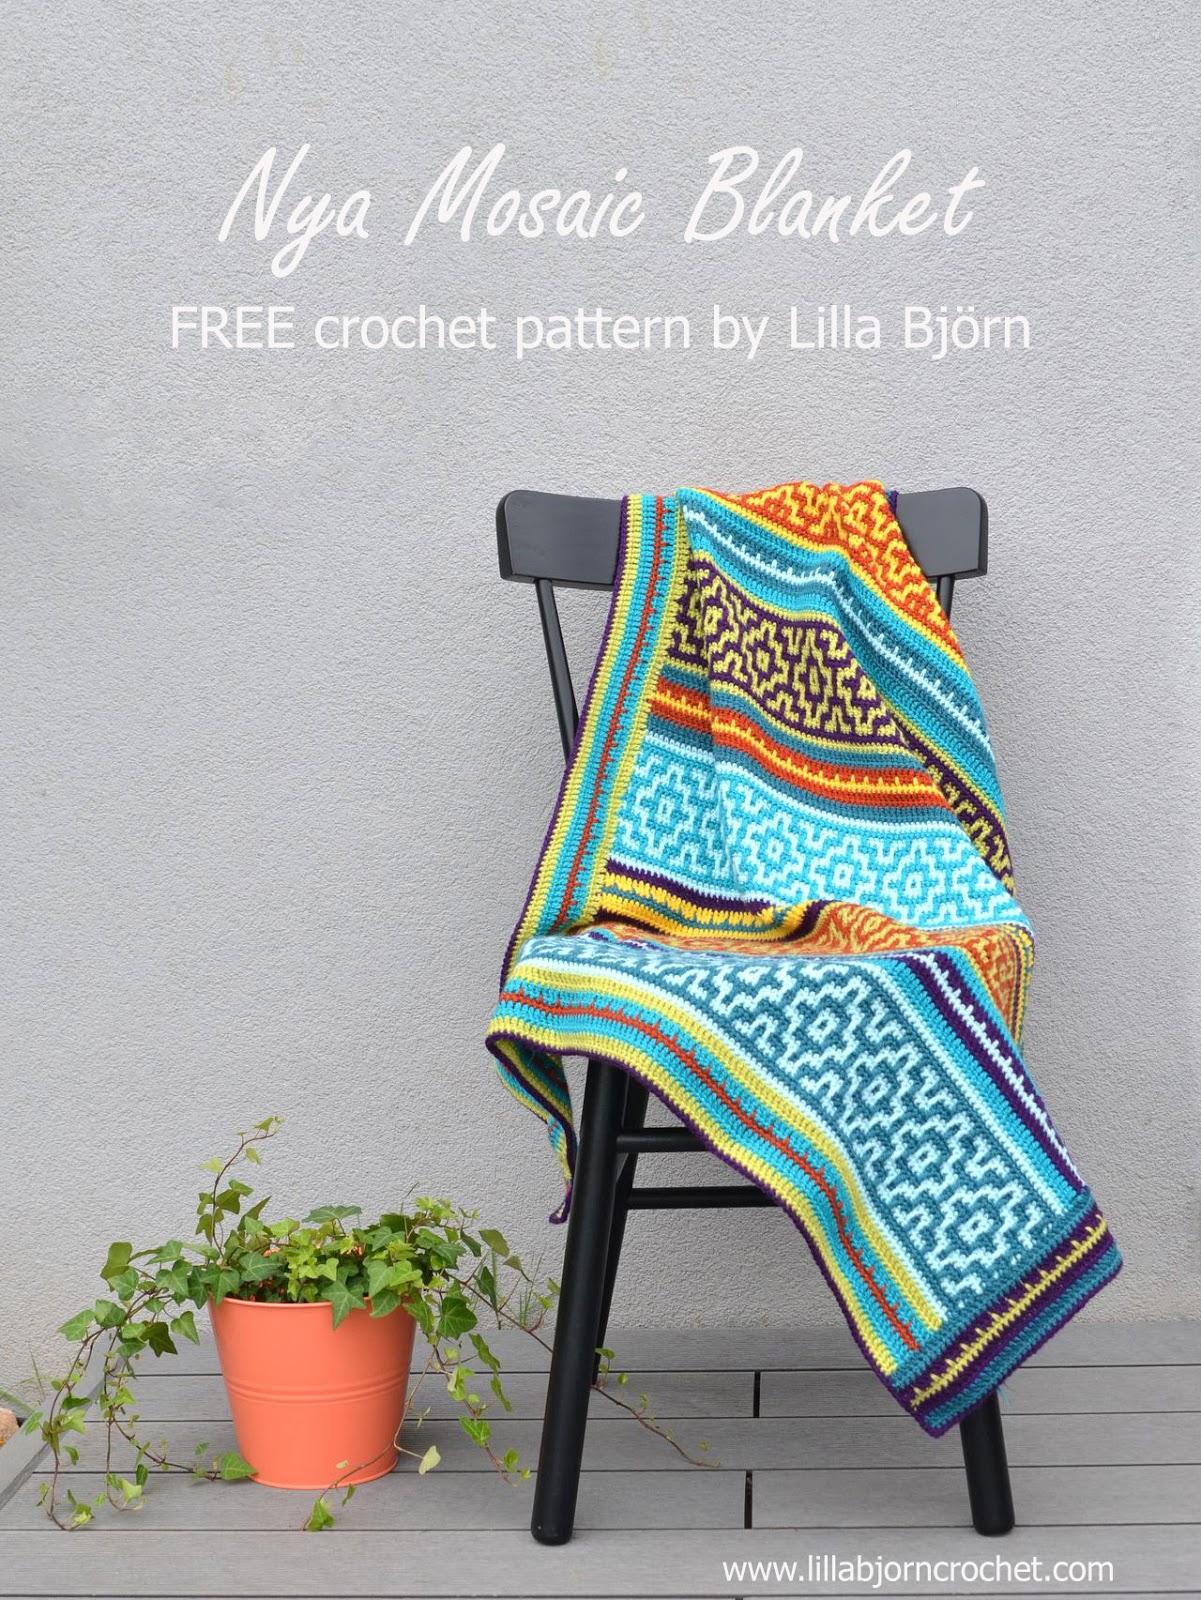 Nya Mosaic Blanket   FREE Crochet Pattern By Www.lillabjorncrochet.com